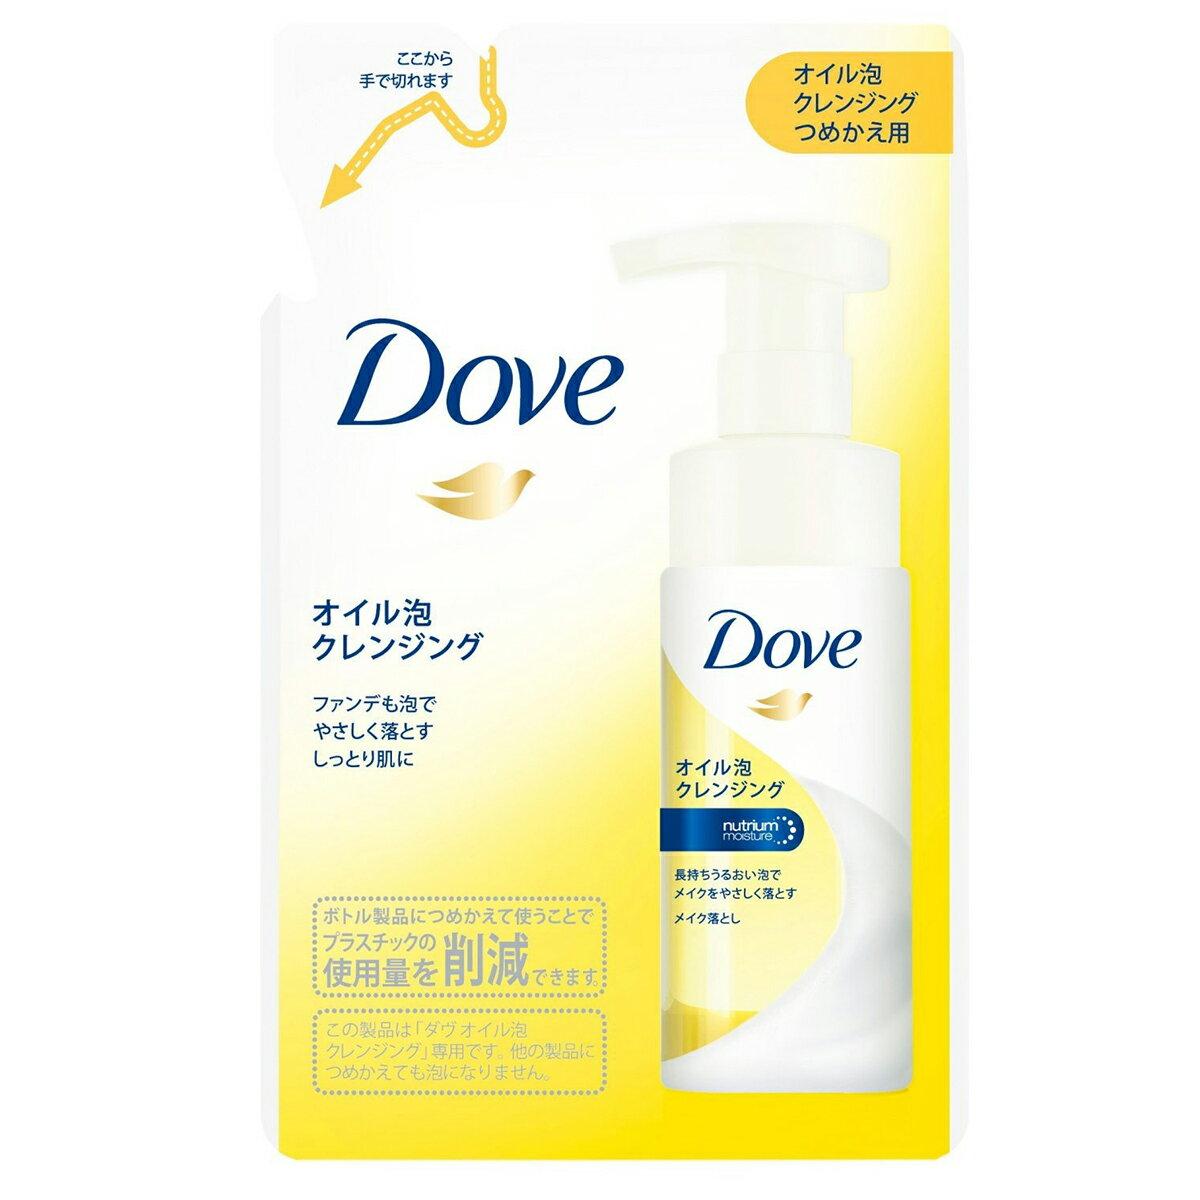 ユニリーバ・ジャパン株式会社Dove(ダヴ) オイル泡クレンジング[つめかえ用]130ml<メイク落とし><ナチュラルなホワイトフローラルの香り>(この商品は注文後のキャンセルができません)